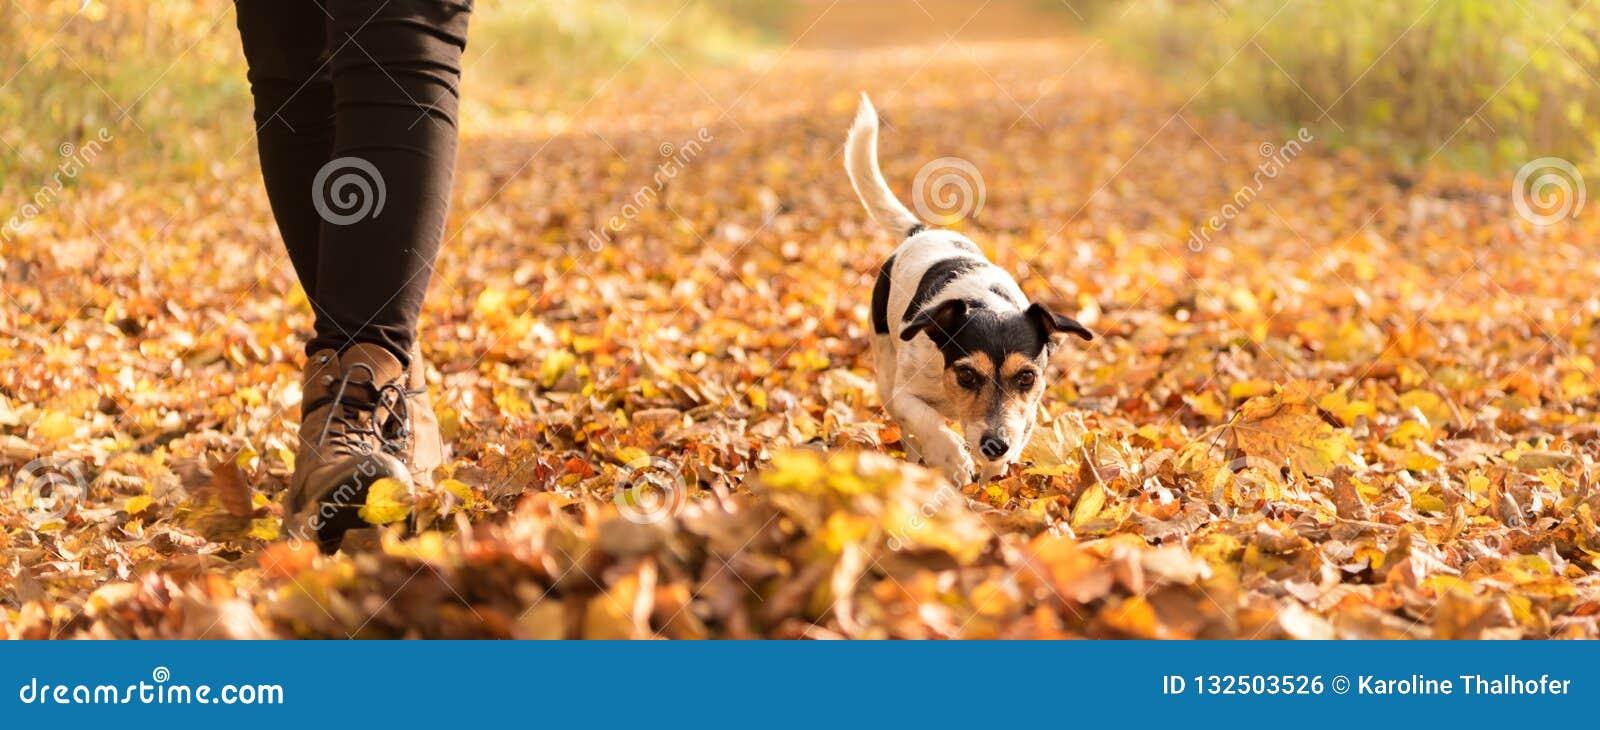 Ägare en Jack Russell Terrier i höstsidor